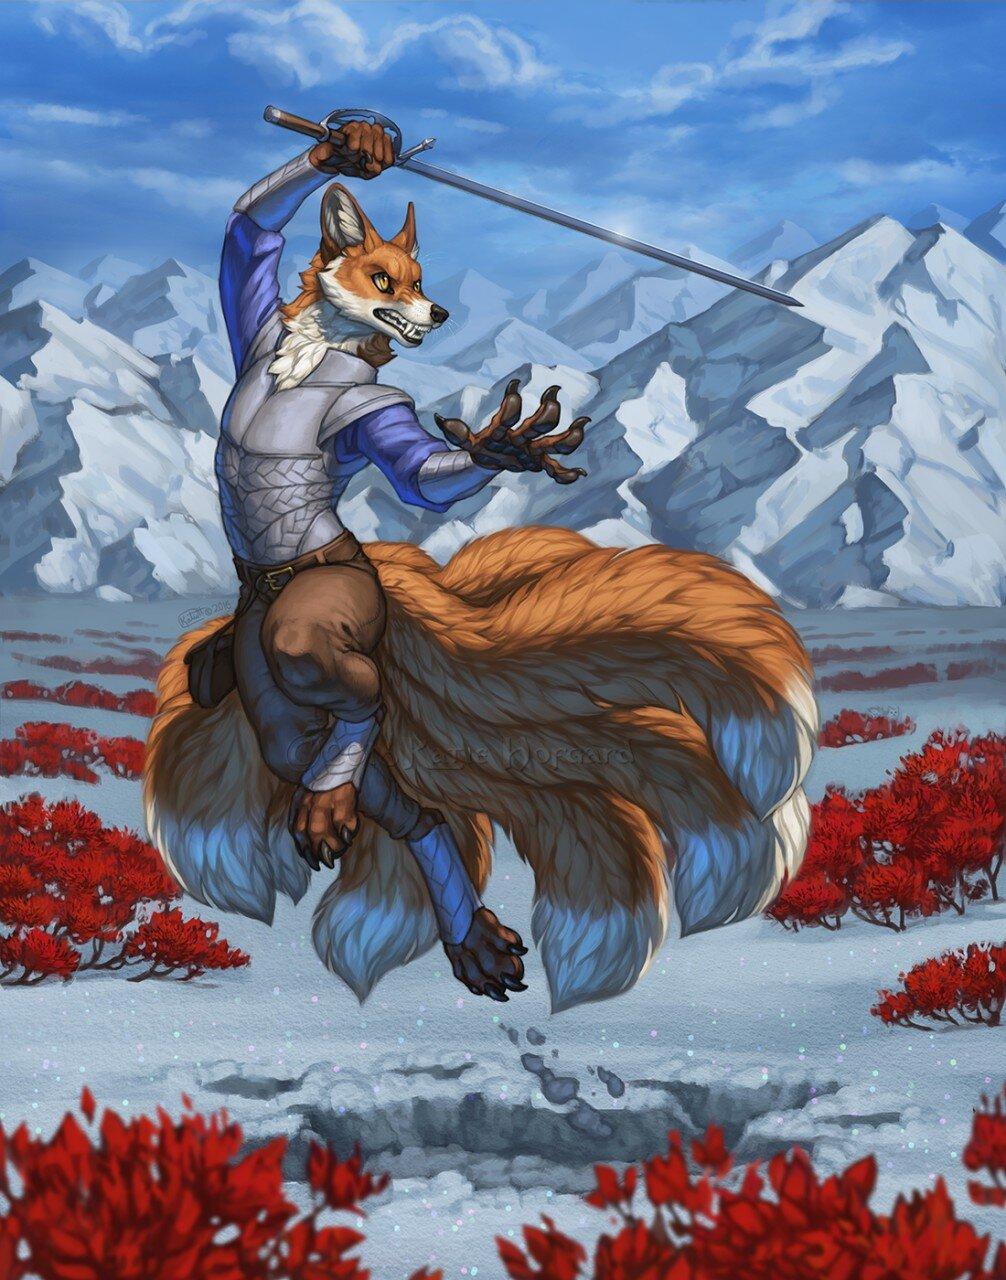 готова картинка волк с мечом наименование цветок